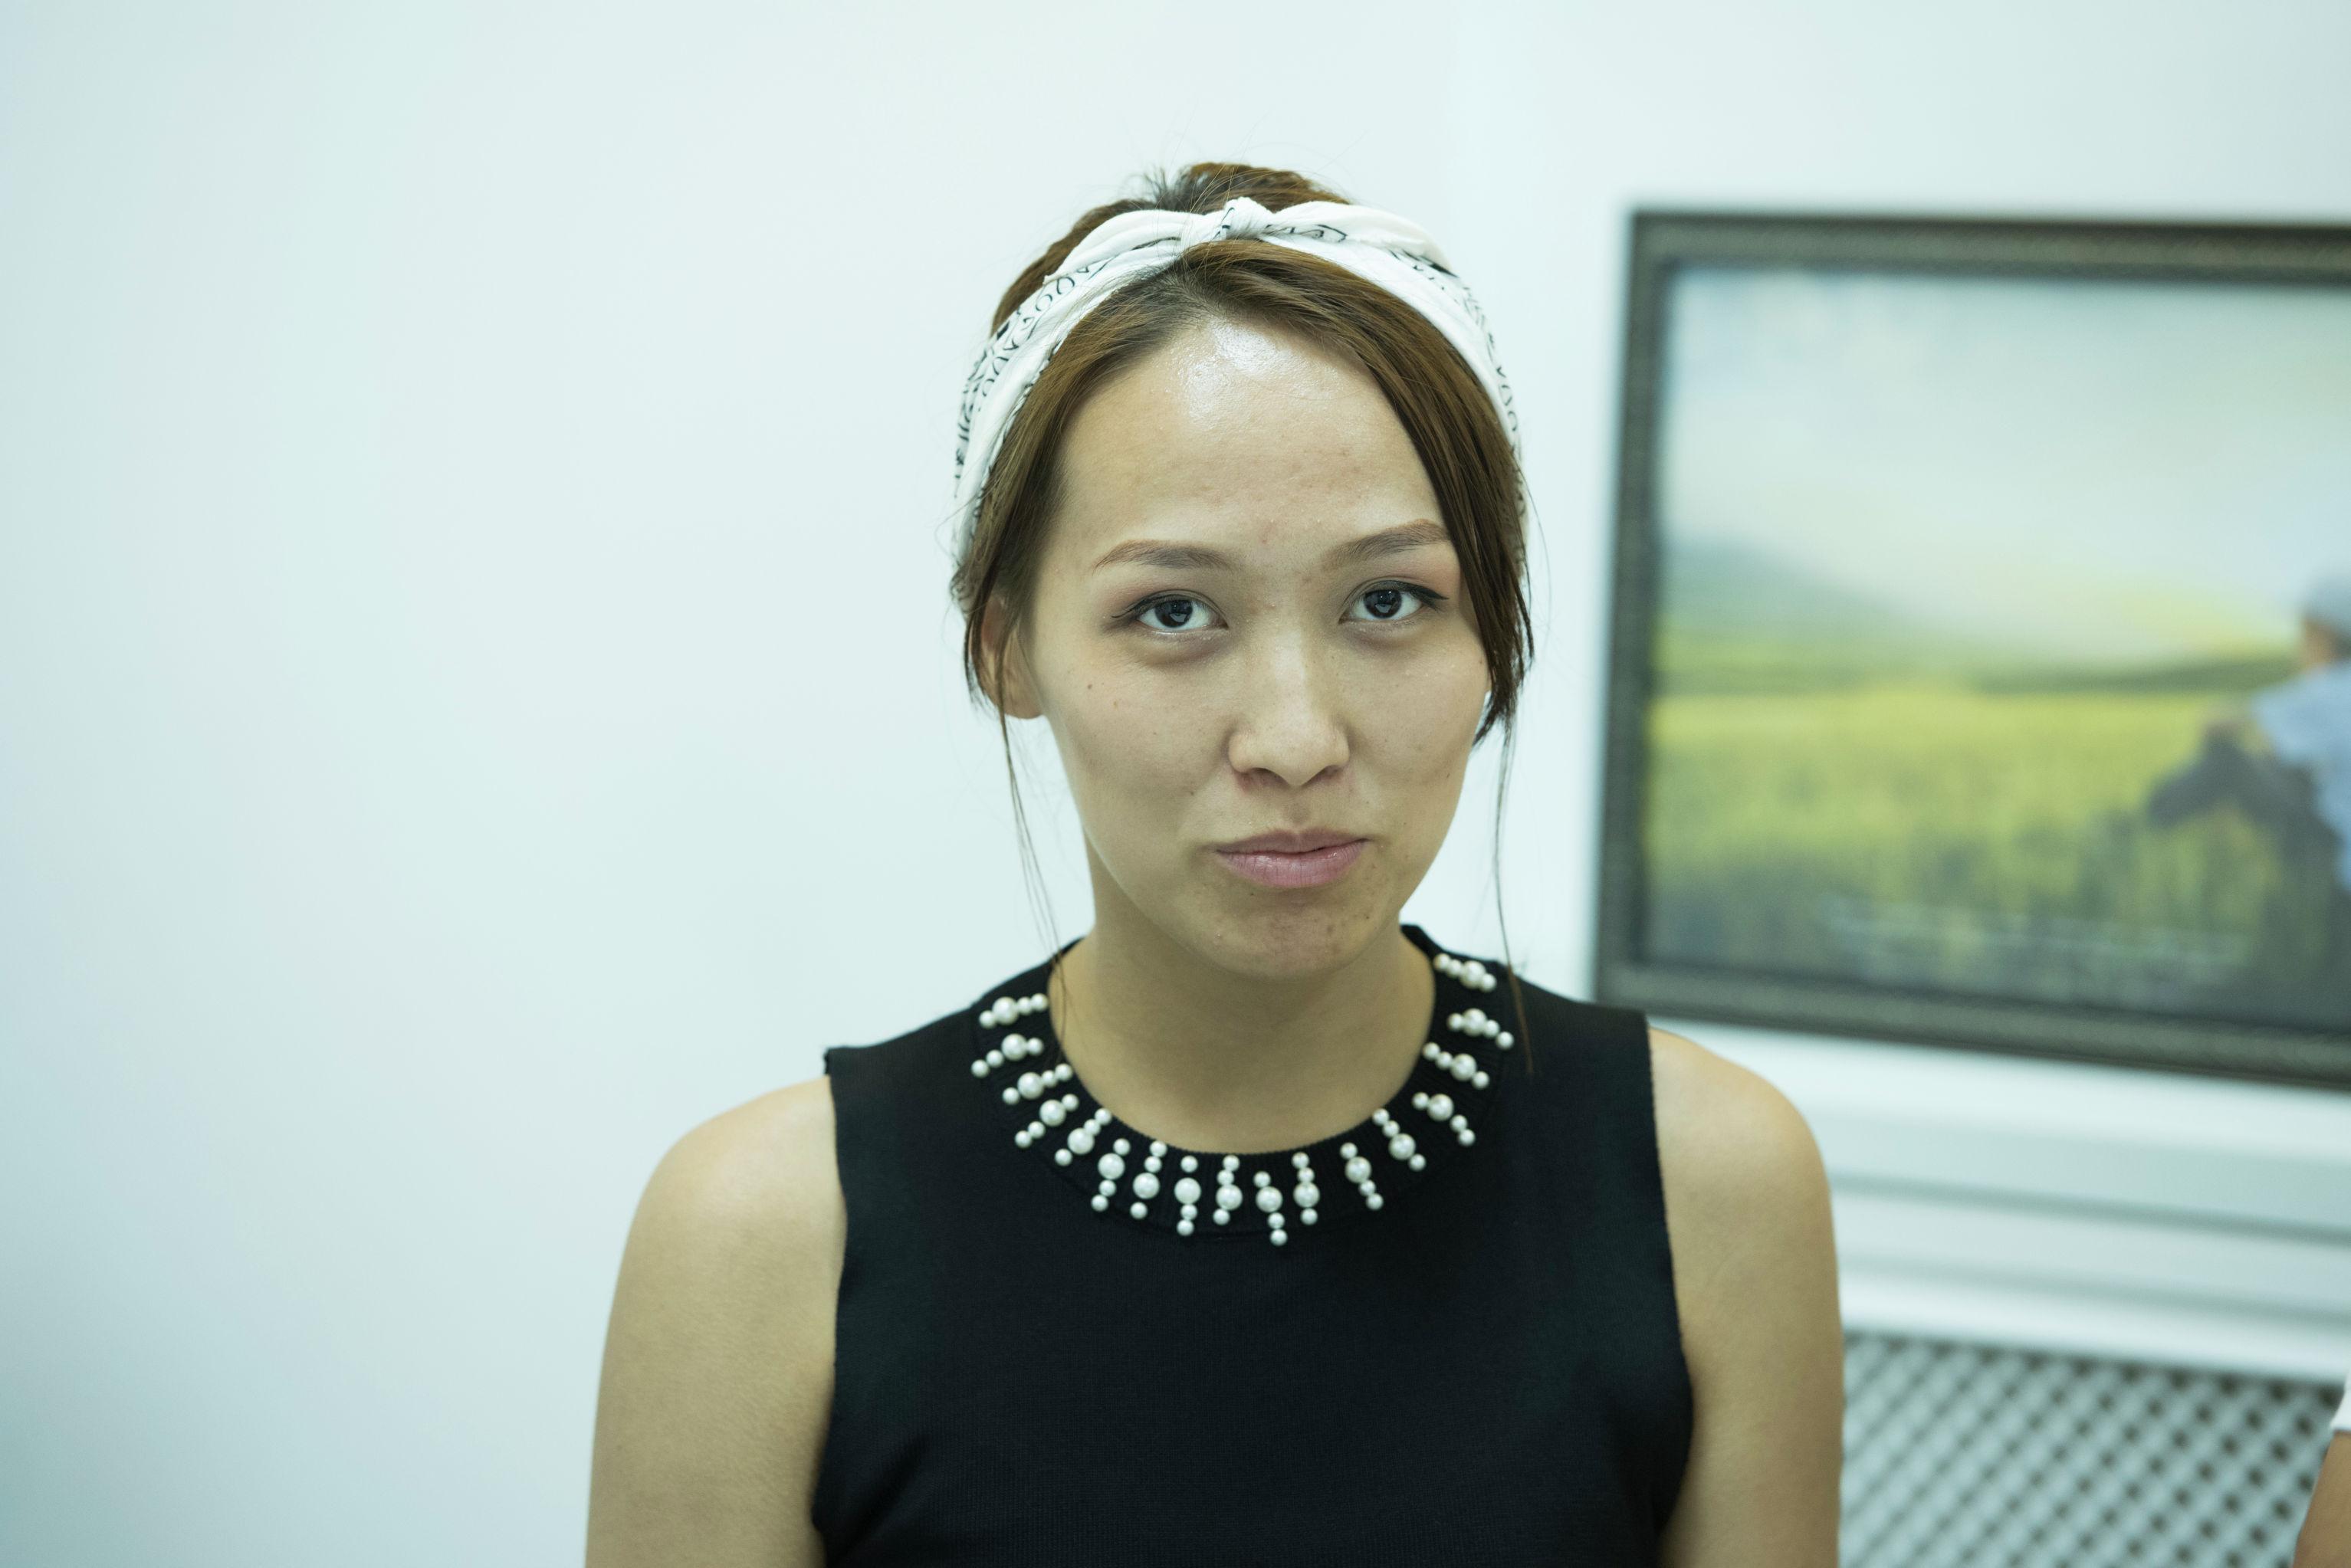 Сейде Мусажанова, которой обещали работу за границей в агентстве Амасса и забрали деньги